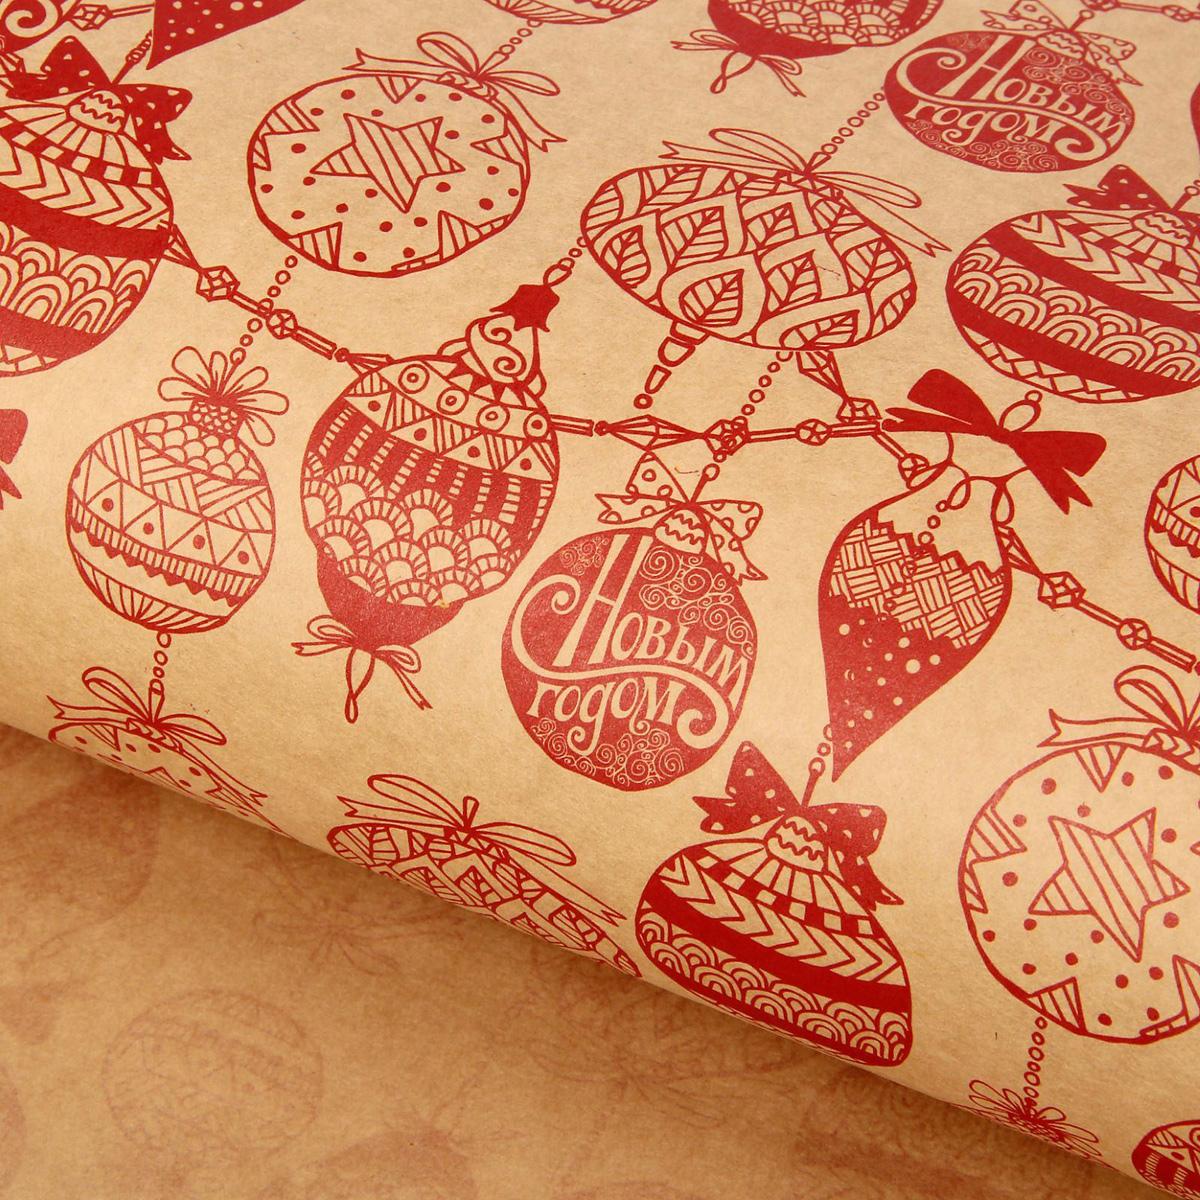 Бумага упаковочная Sima-land С Новым годом! Елочные игрушки, крафт, 70 х 100 см1442993Бумага упаковочная Sima-land - это стильный и модный тренд в декоре и упаковке. Она универсальна в оформлении любой продукции и подарка и сделает даже обычный презент заметным, приятным и стильным.